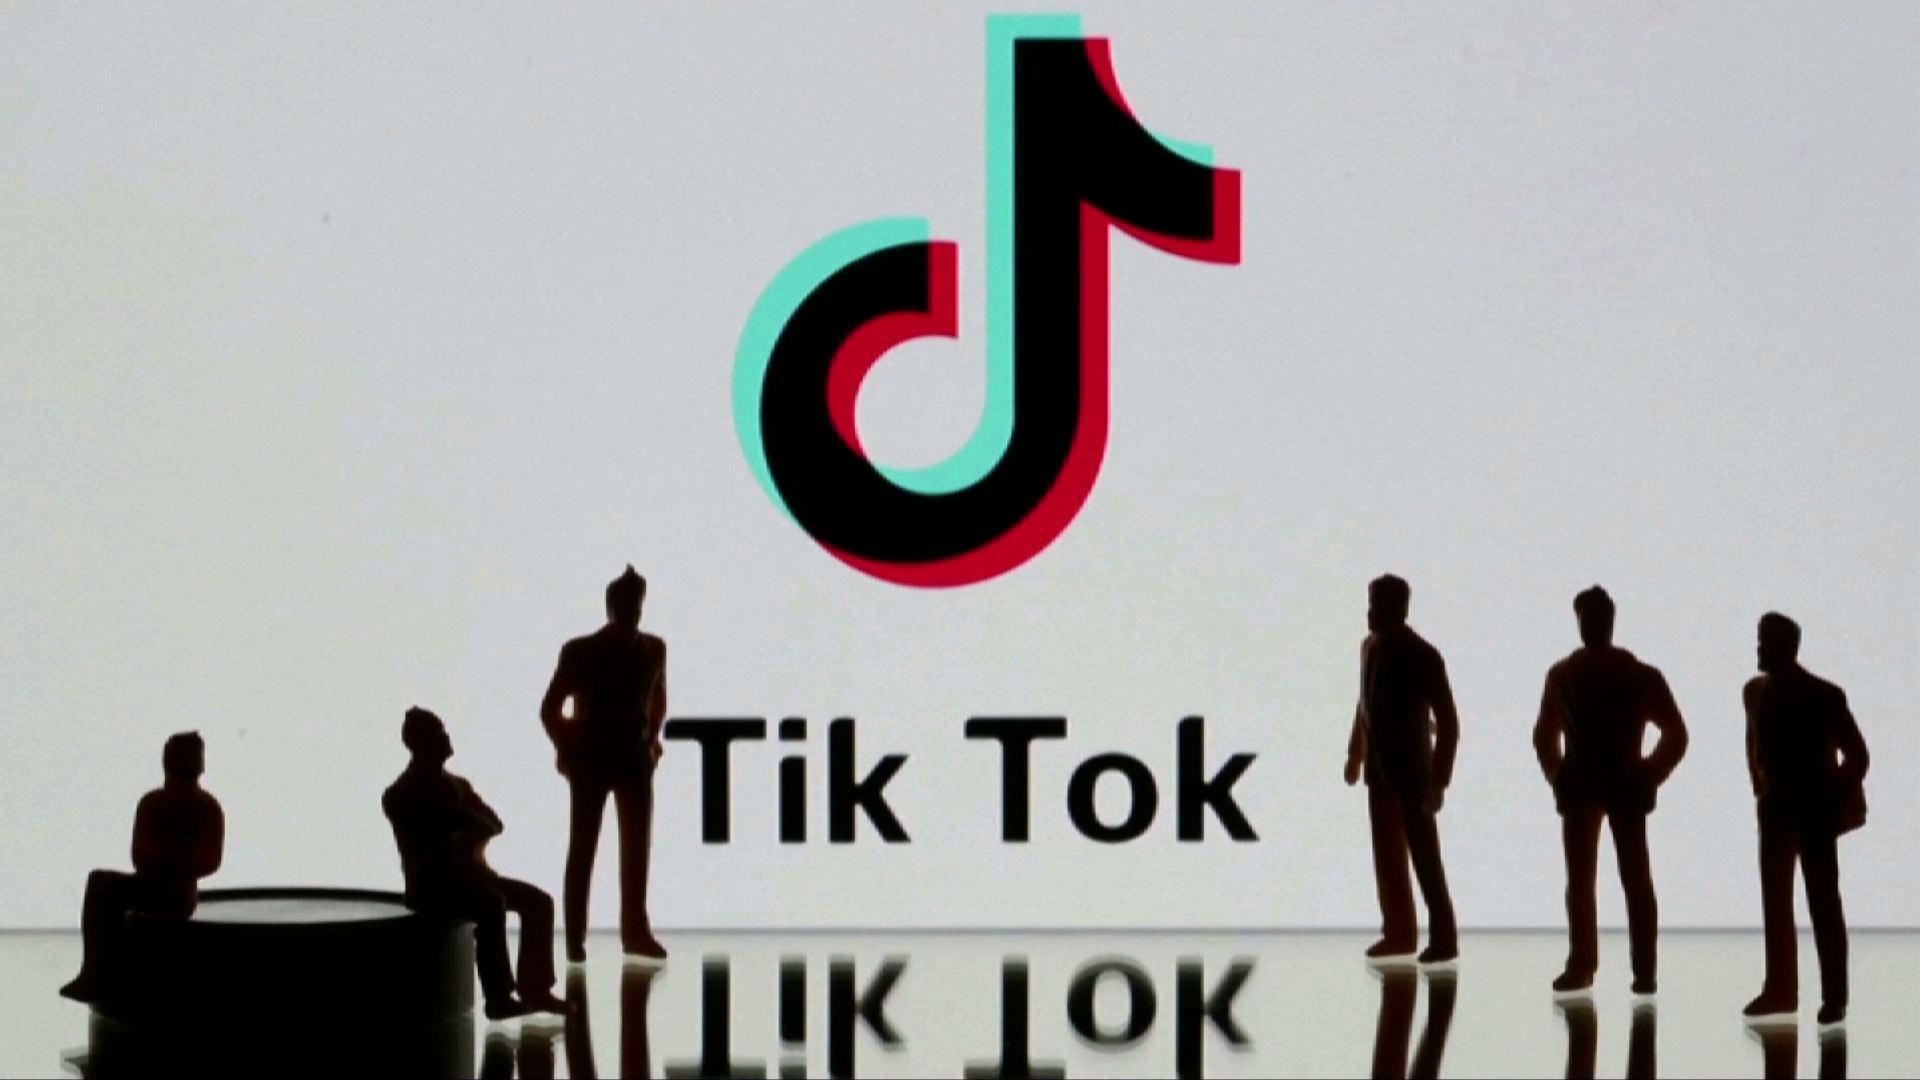 Tổng Thống Trump đồng ý thỏa thuận để TikTok tiếp tục hoạt động tại Hoa Kỳ